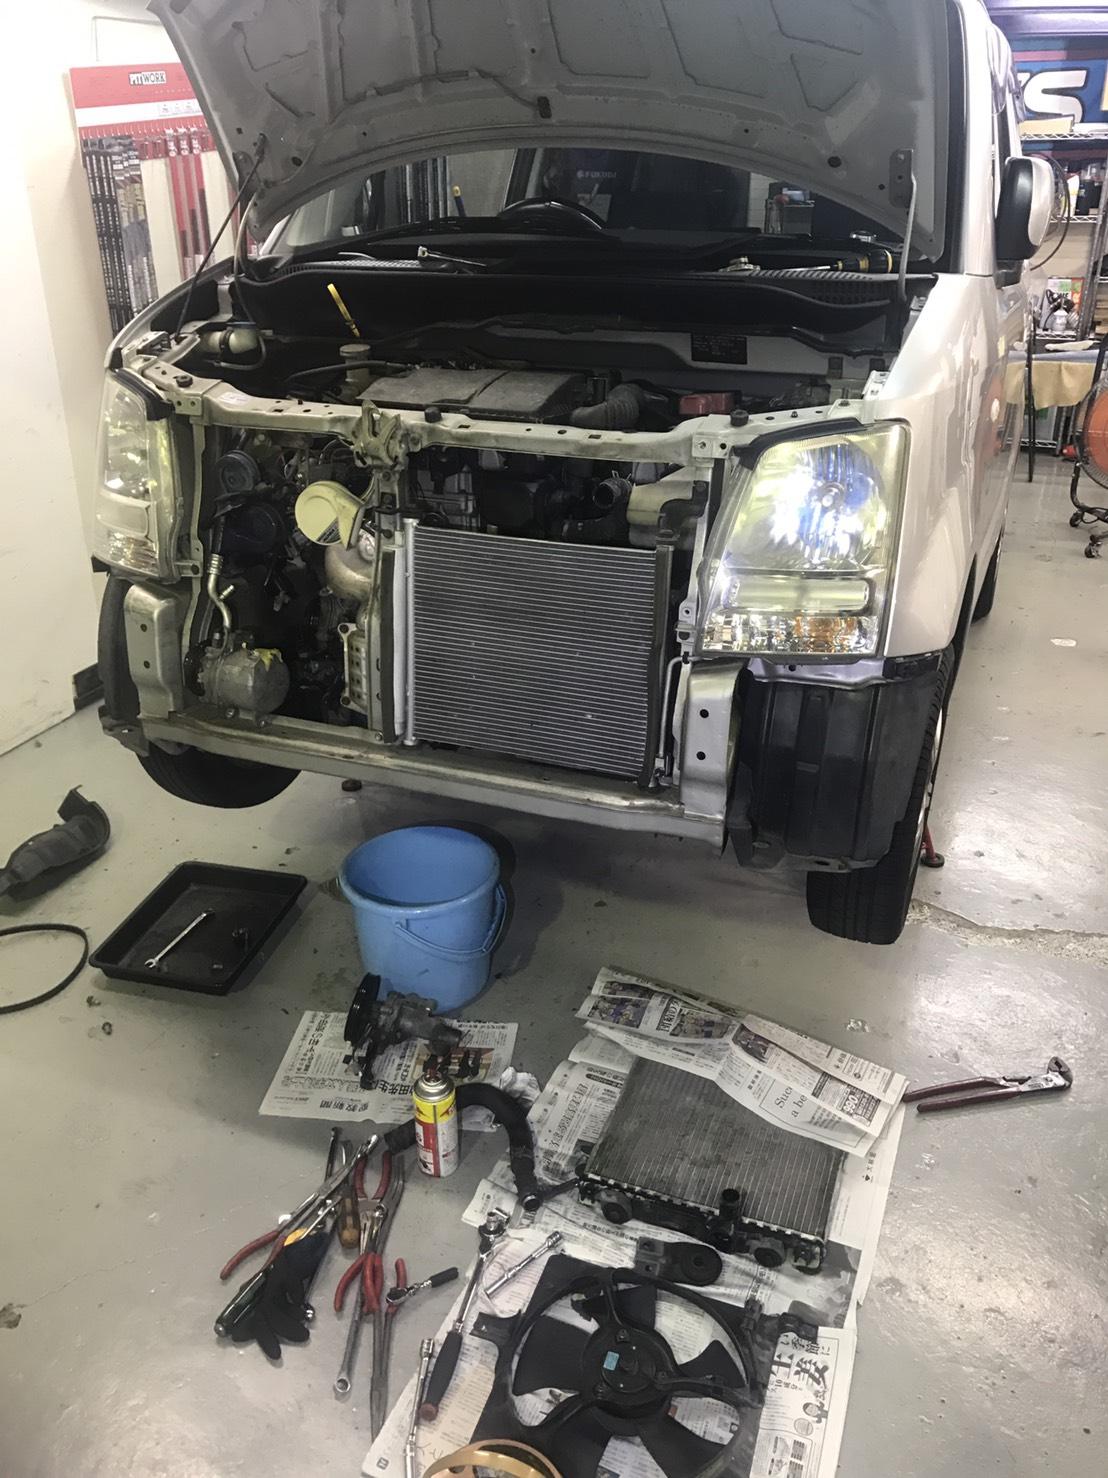 ワゴンR ラジエター・ウォーターポンプ 修理|大阪・東大阪・八尾トミクル